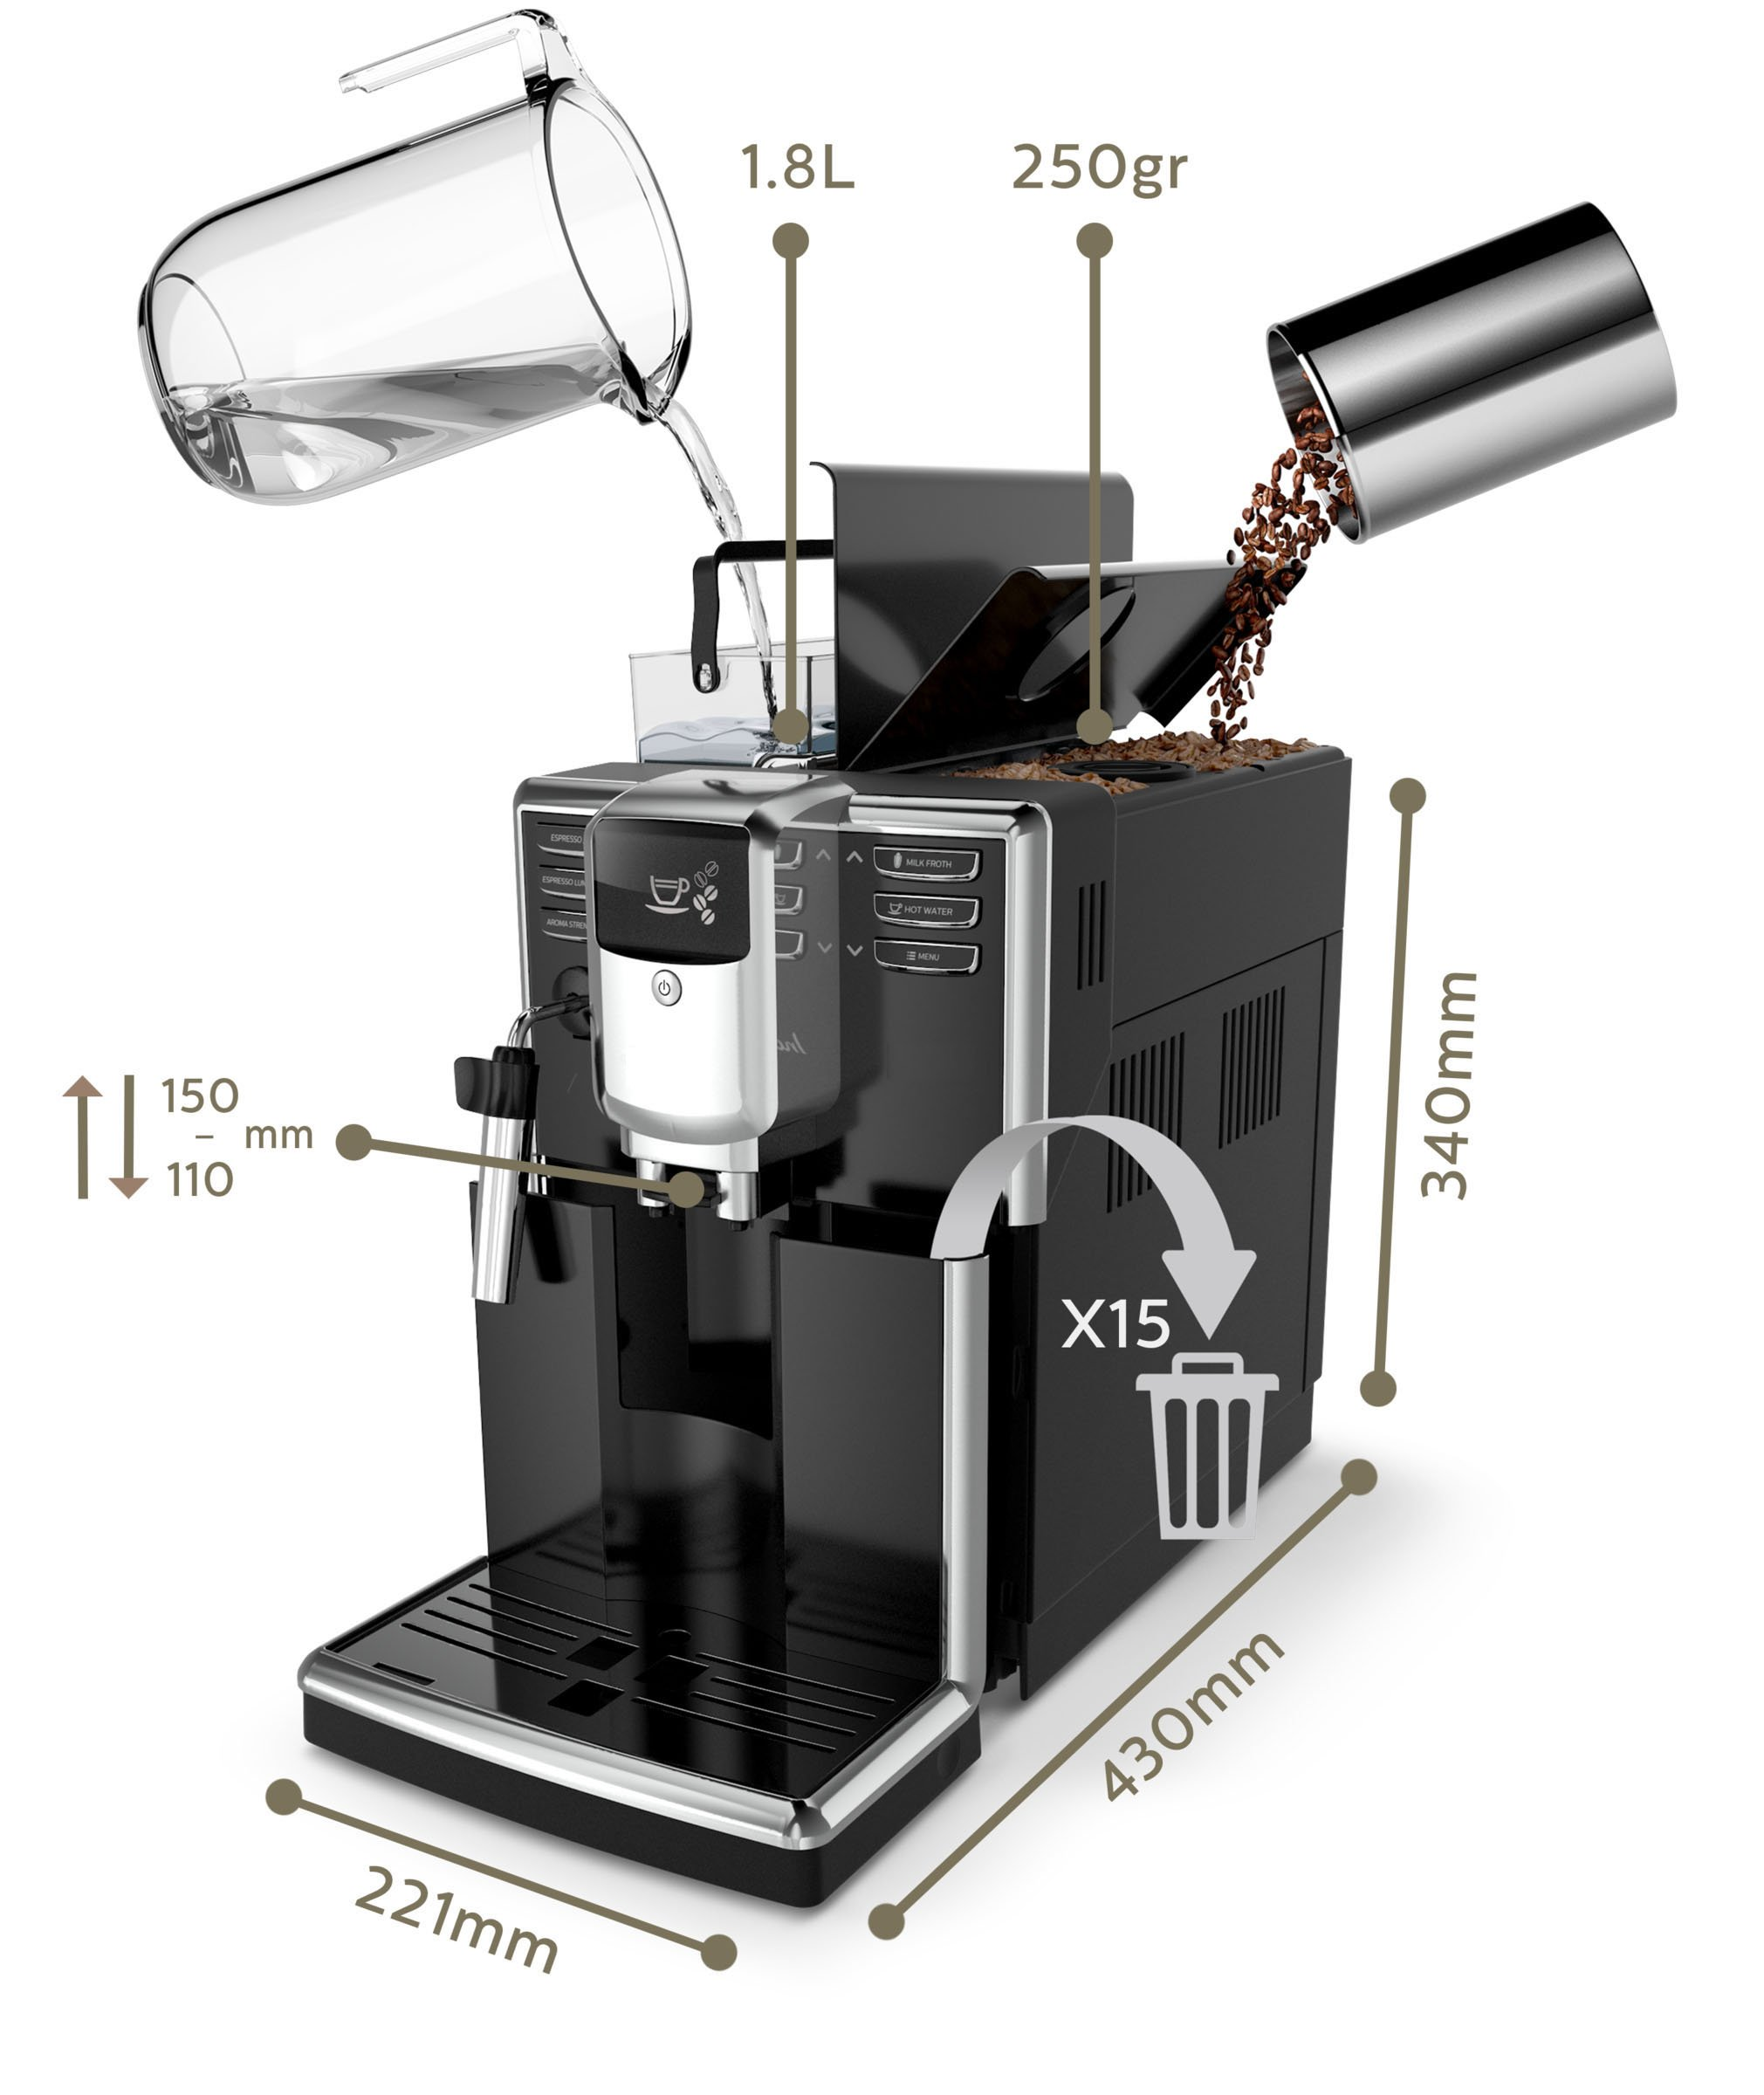 Philips-EP531010-Kaffeevollautomat-AquaClean-automatischer-Milchaufschumer-schwarz